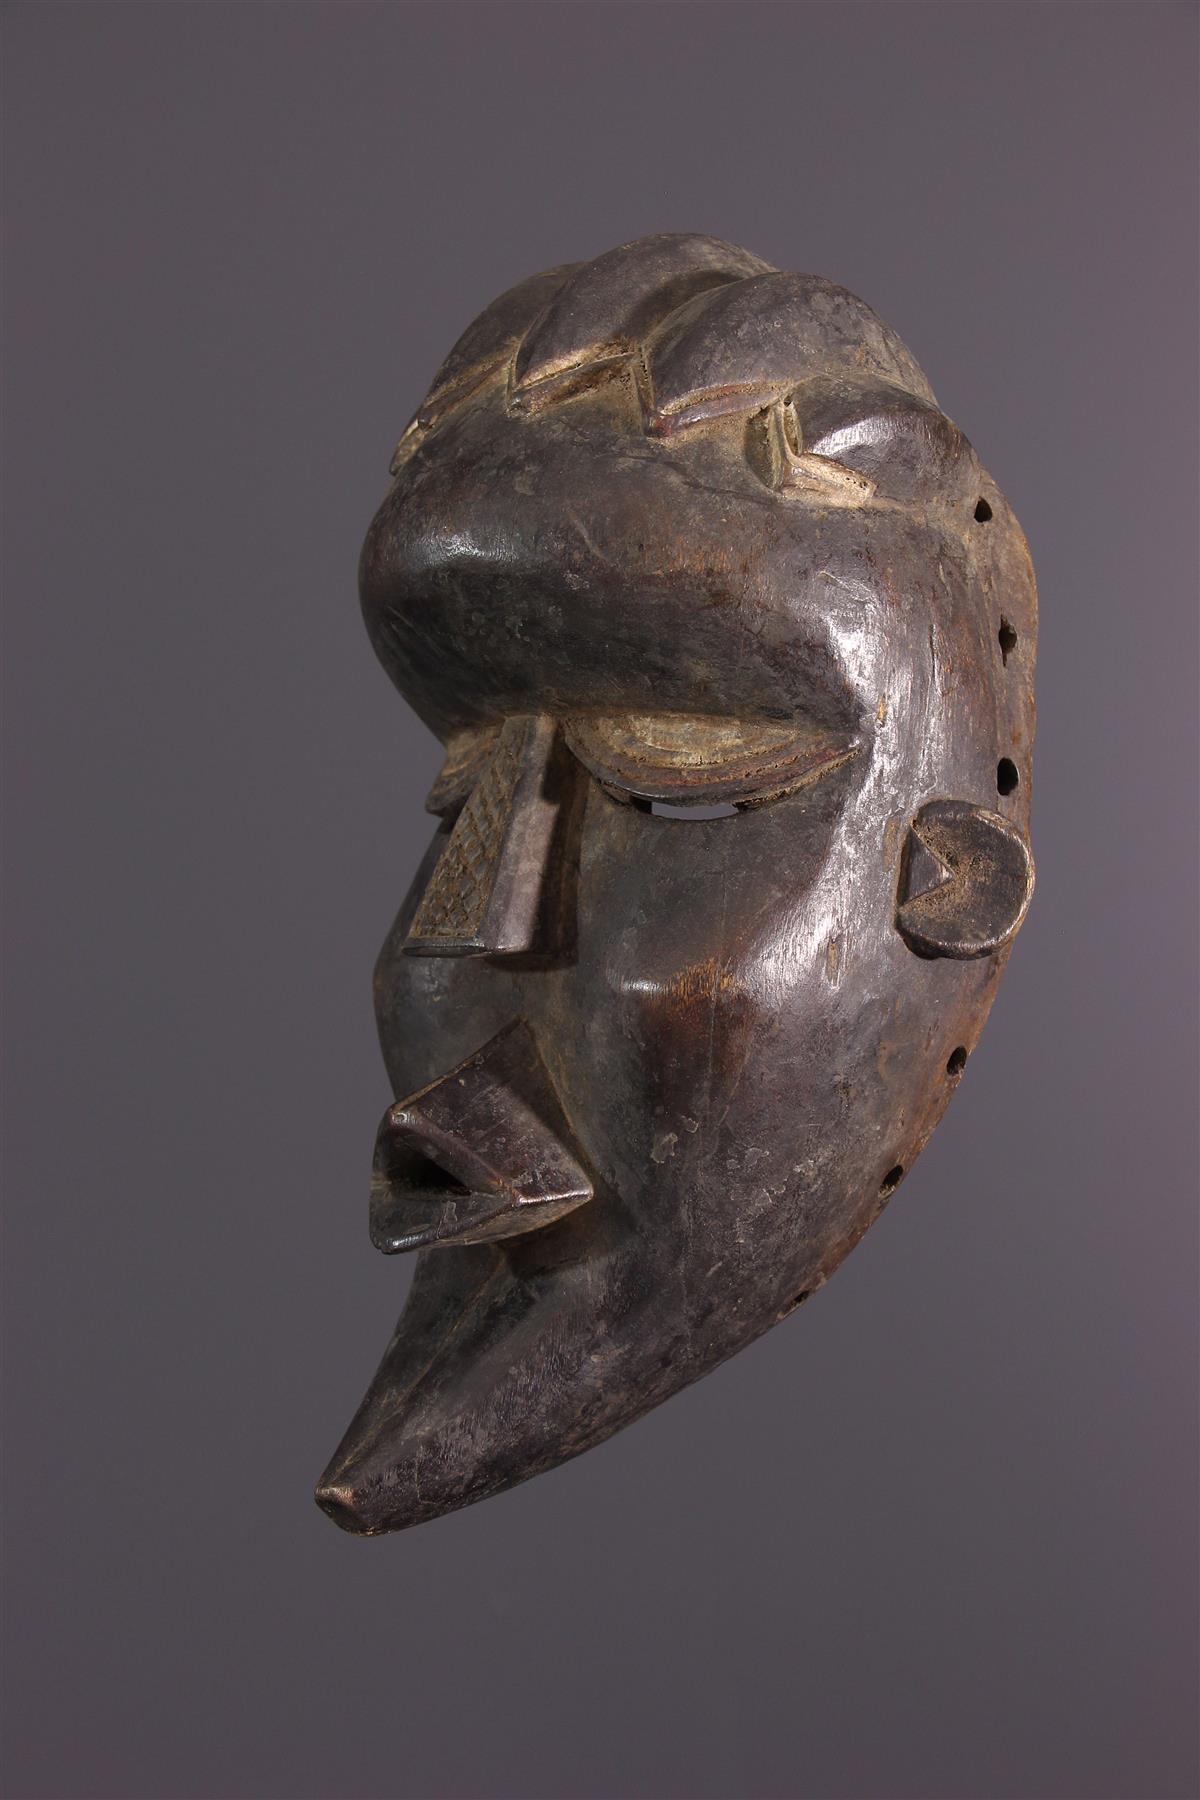 Bassa mask - African art